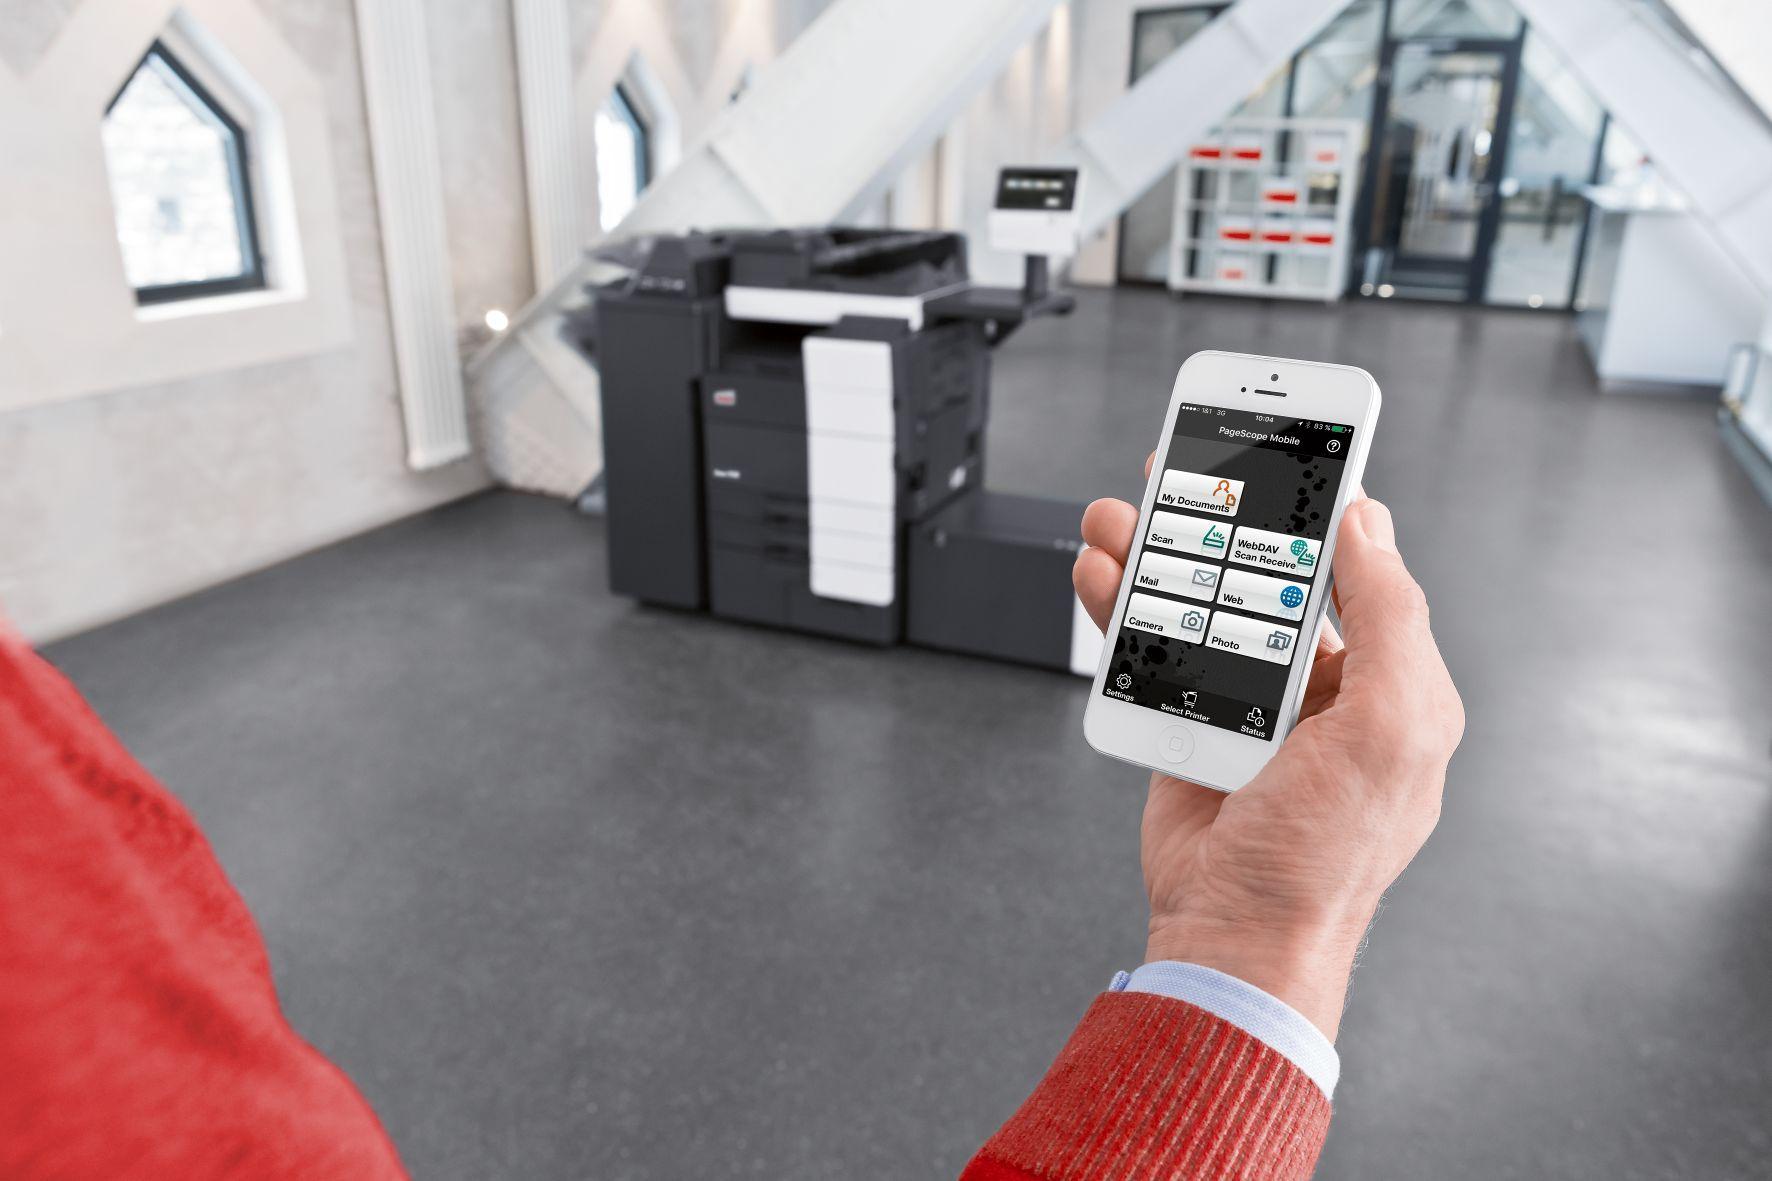 Fotografia Imprimiendo desde el móvil con una multifuncional DEVELOP